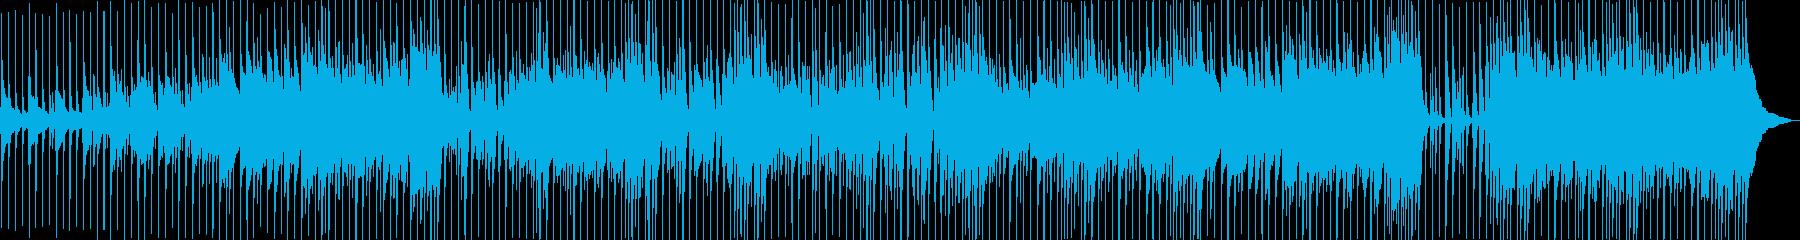 陽気でエキサイティングなポップスの再生済みの波形